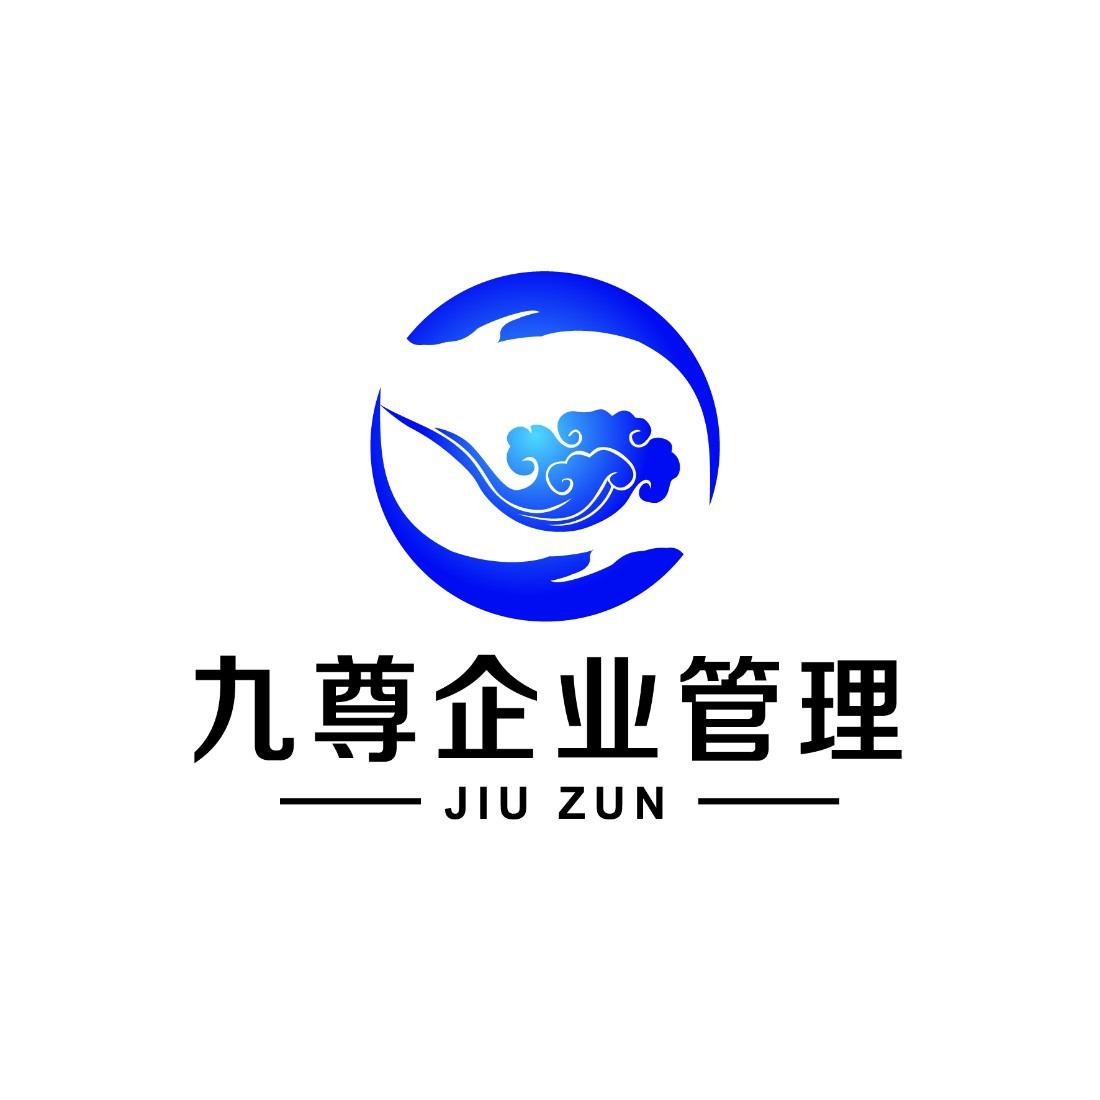 廣東九尊企業管理有限公司